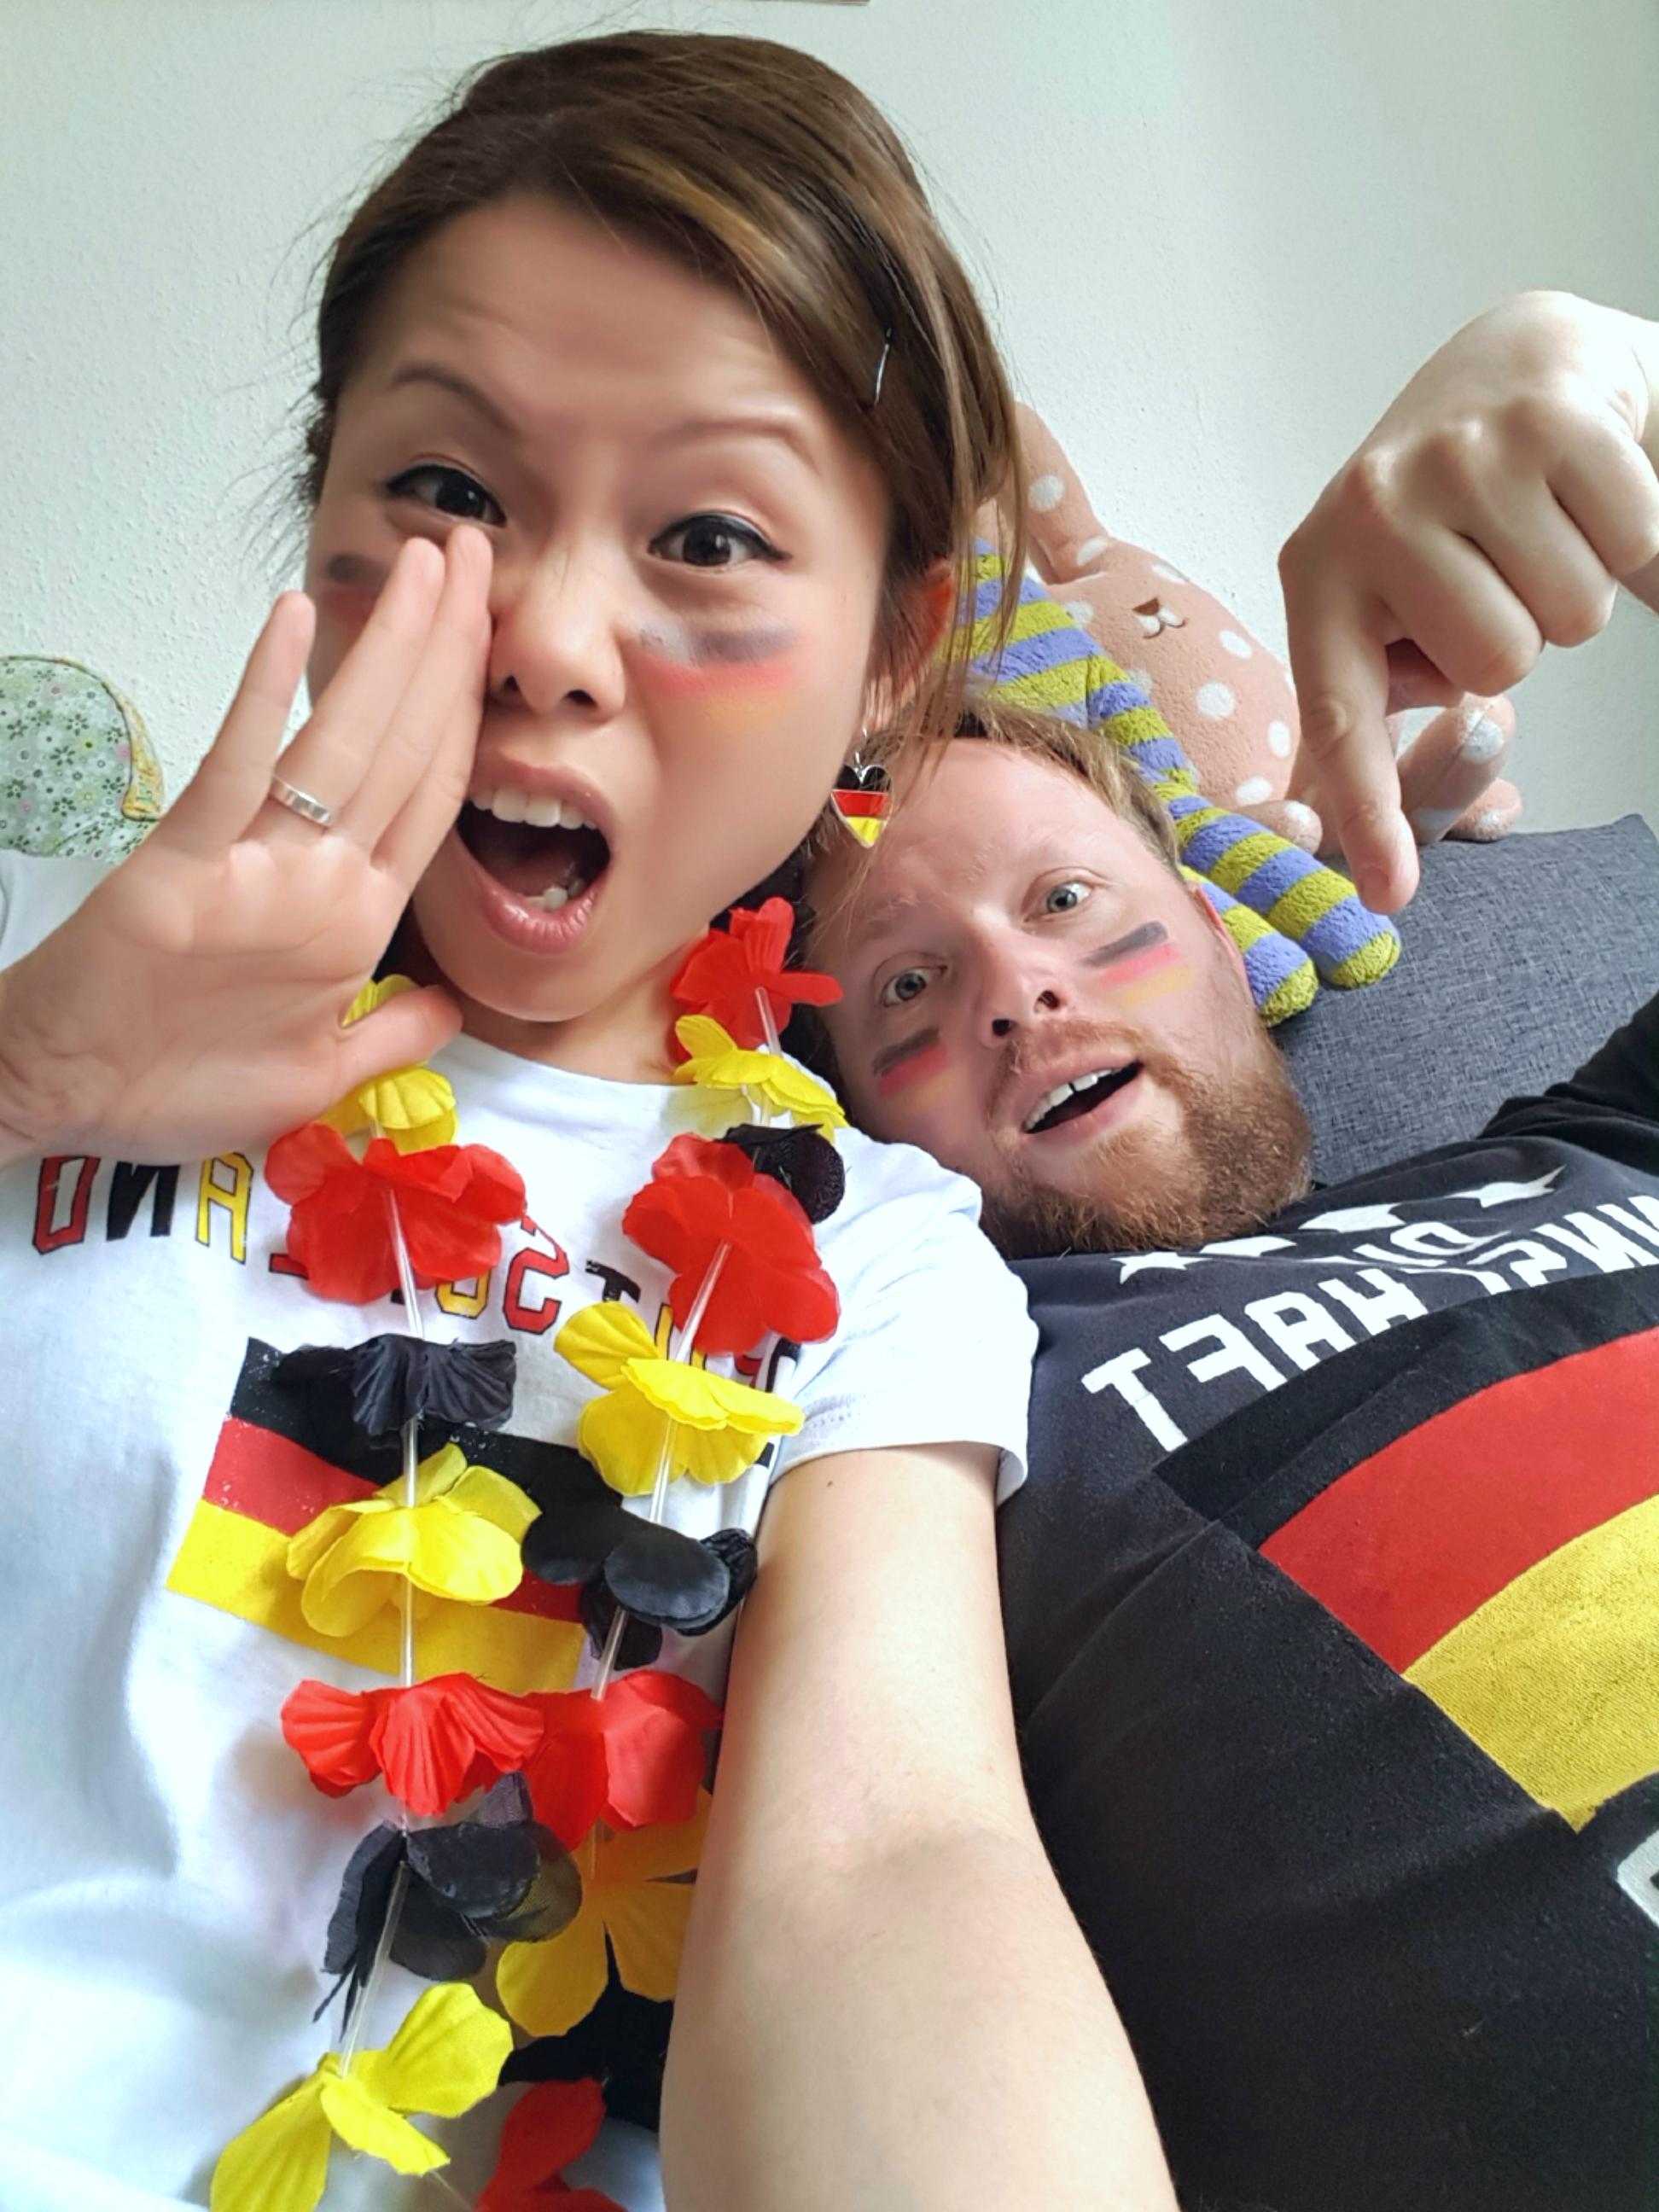 ?? 德國隊 加油啊!!??